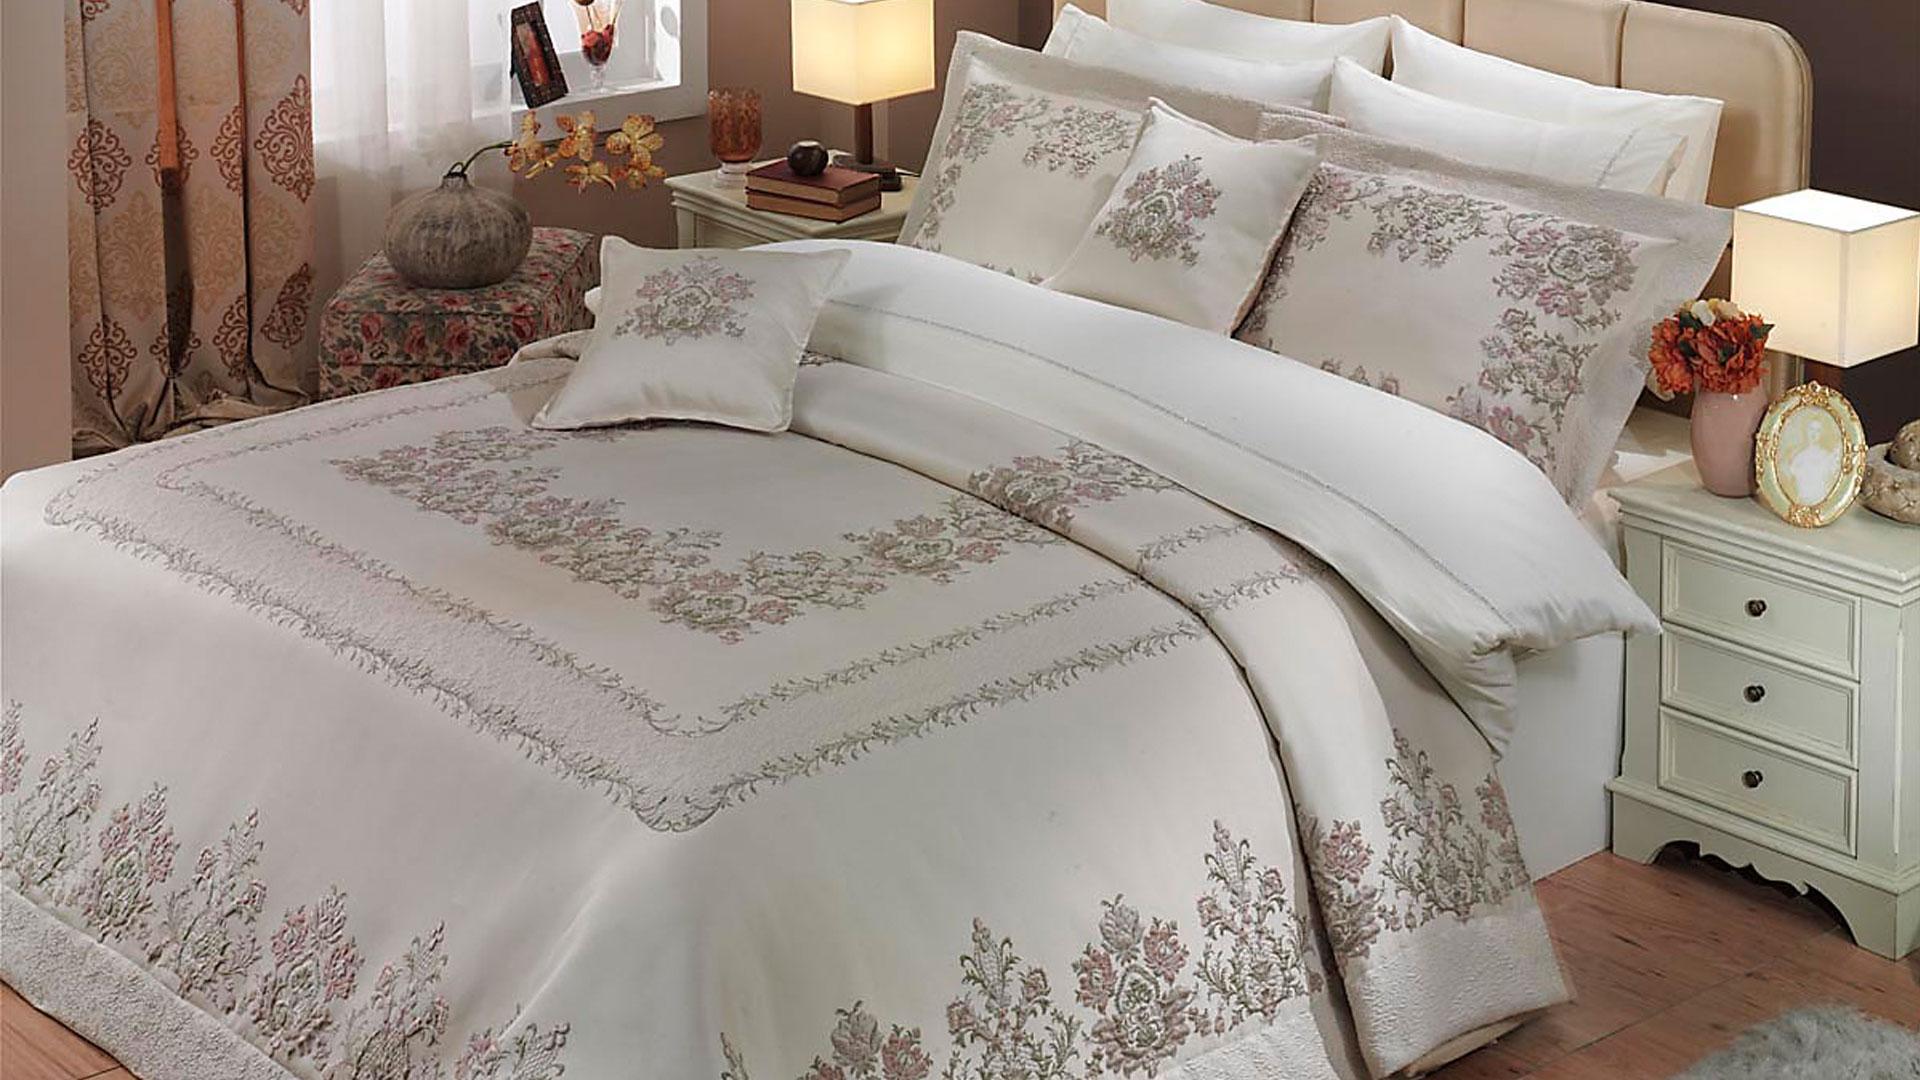 yatak-ortusu-jpg.77447 Yatak örtüsü modellerinde şıklık için buraya! Melekler Mekanı Forum